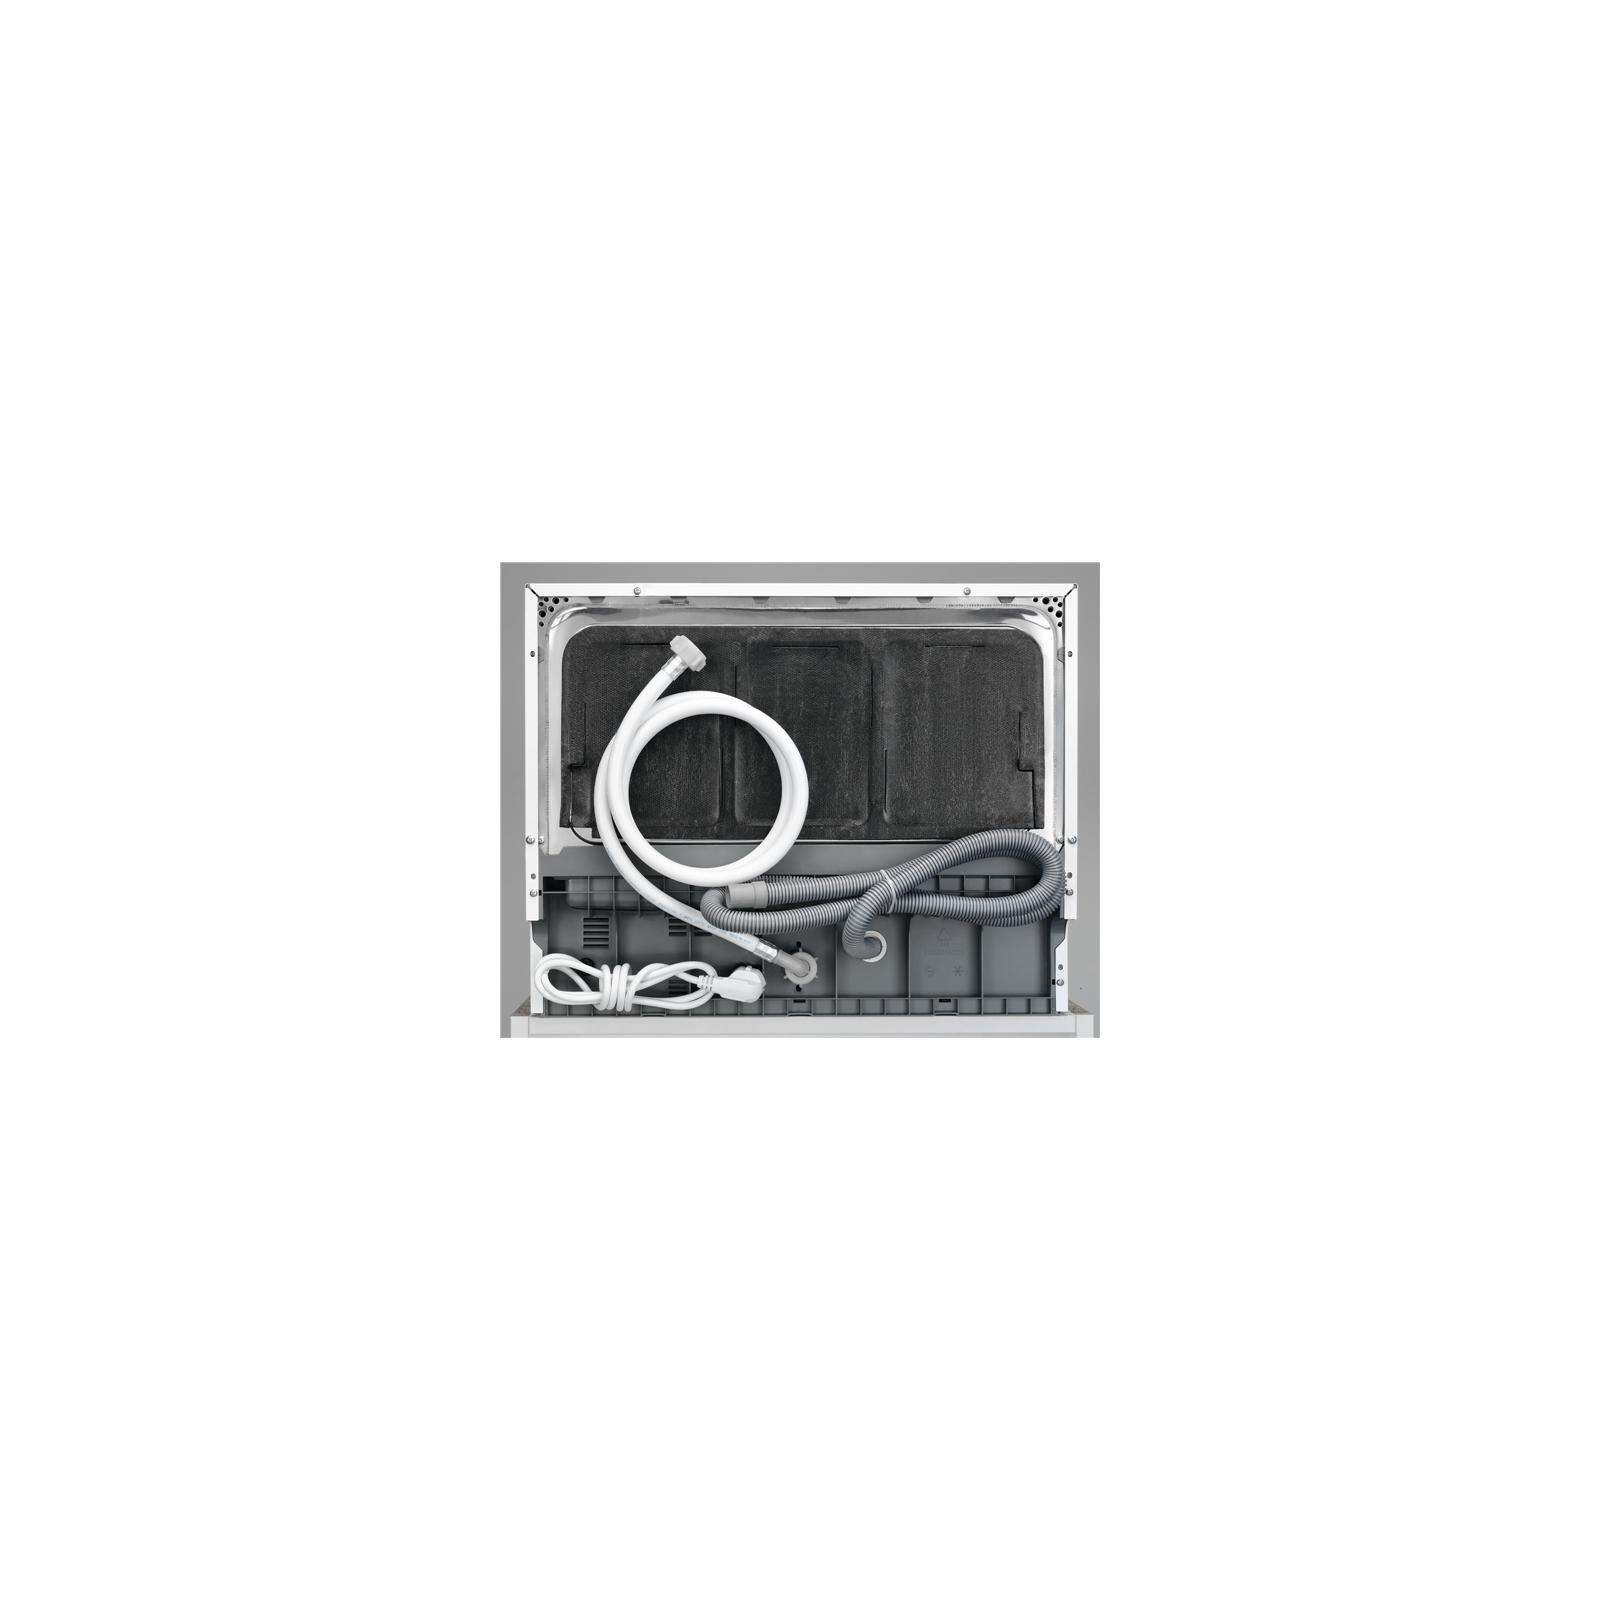 Посудомоечная машина ELECTROLUX ESF 2400O S (ESF2400OS) изображение 4